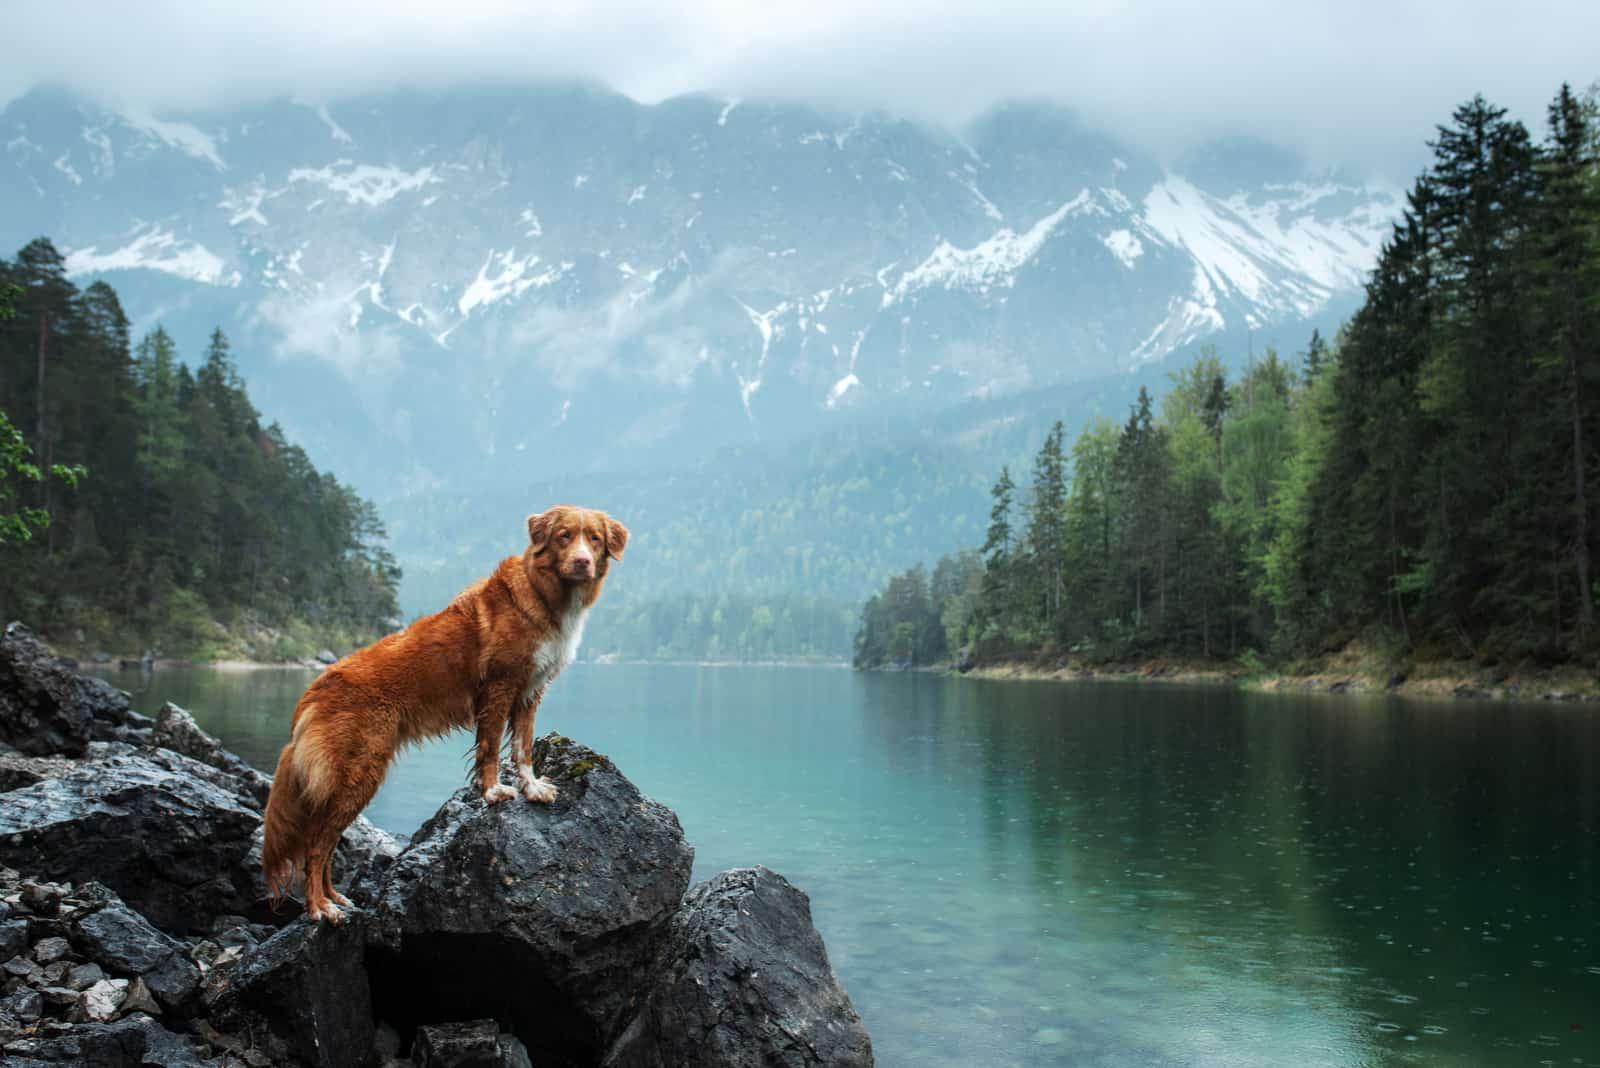 Hund steht auf einem Felsen am See